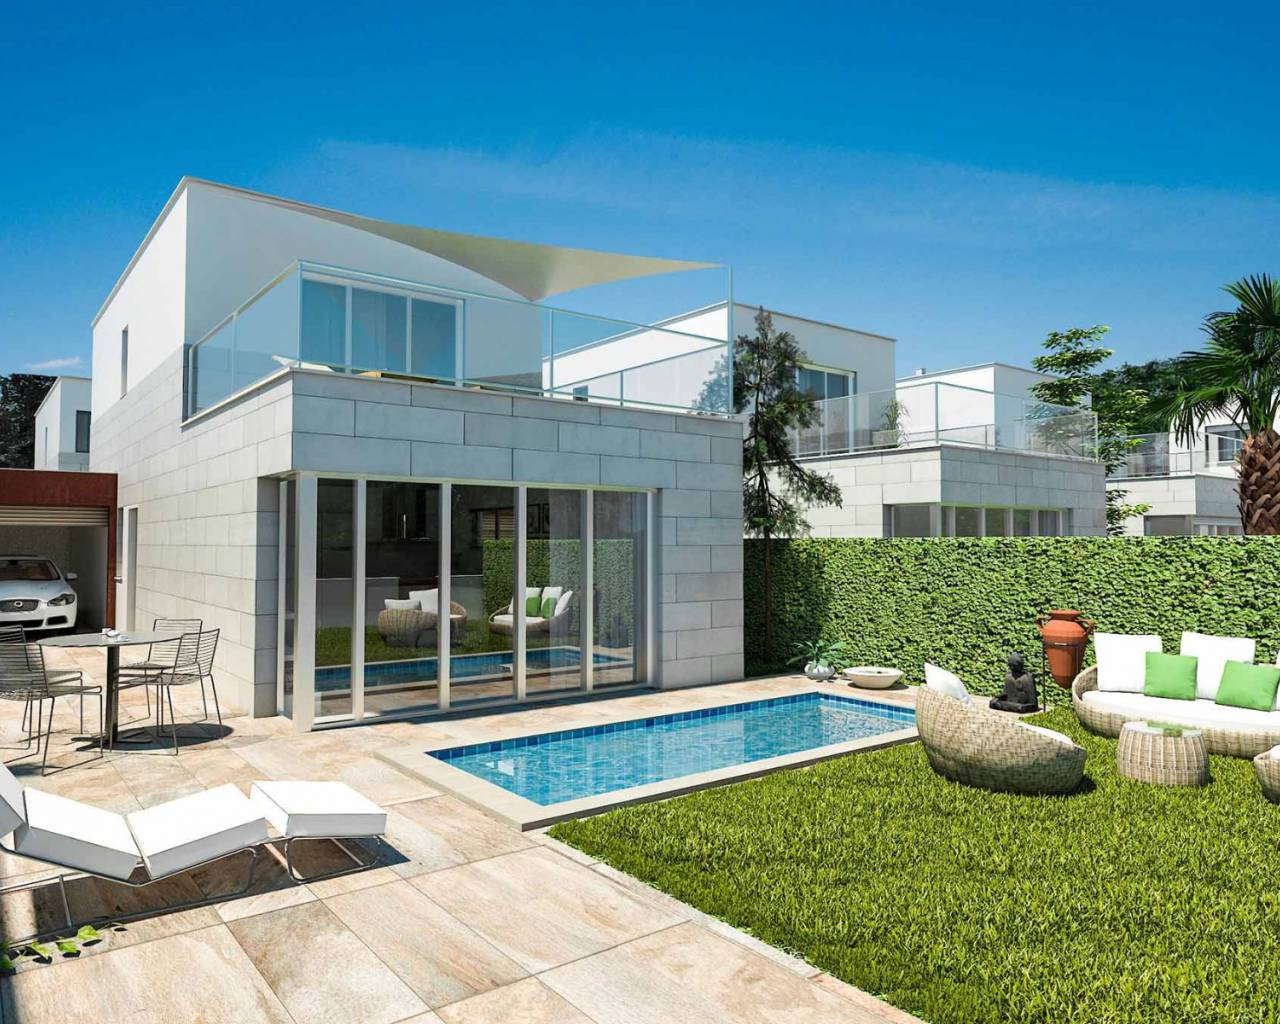 nieuwbouw-vrijstaande-villa-los-alcazares_5137_xl